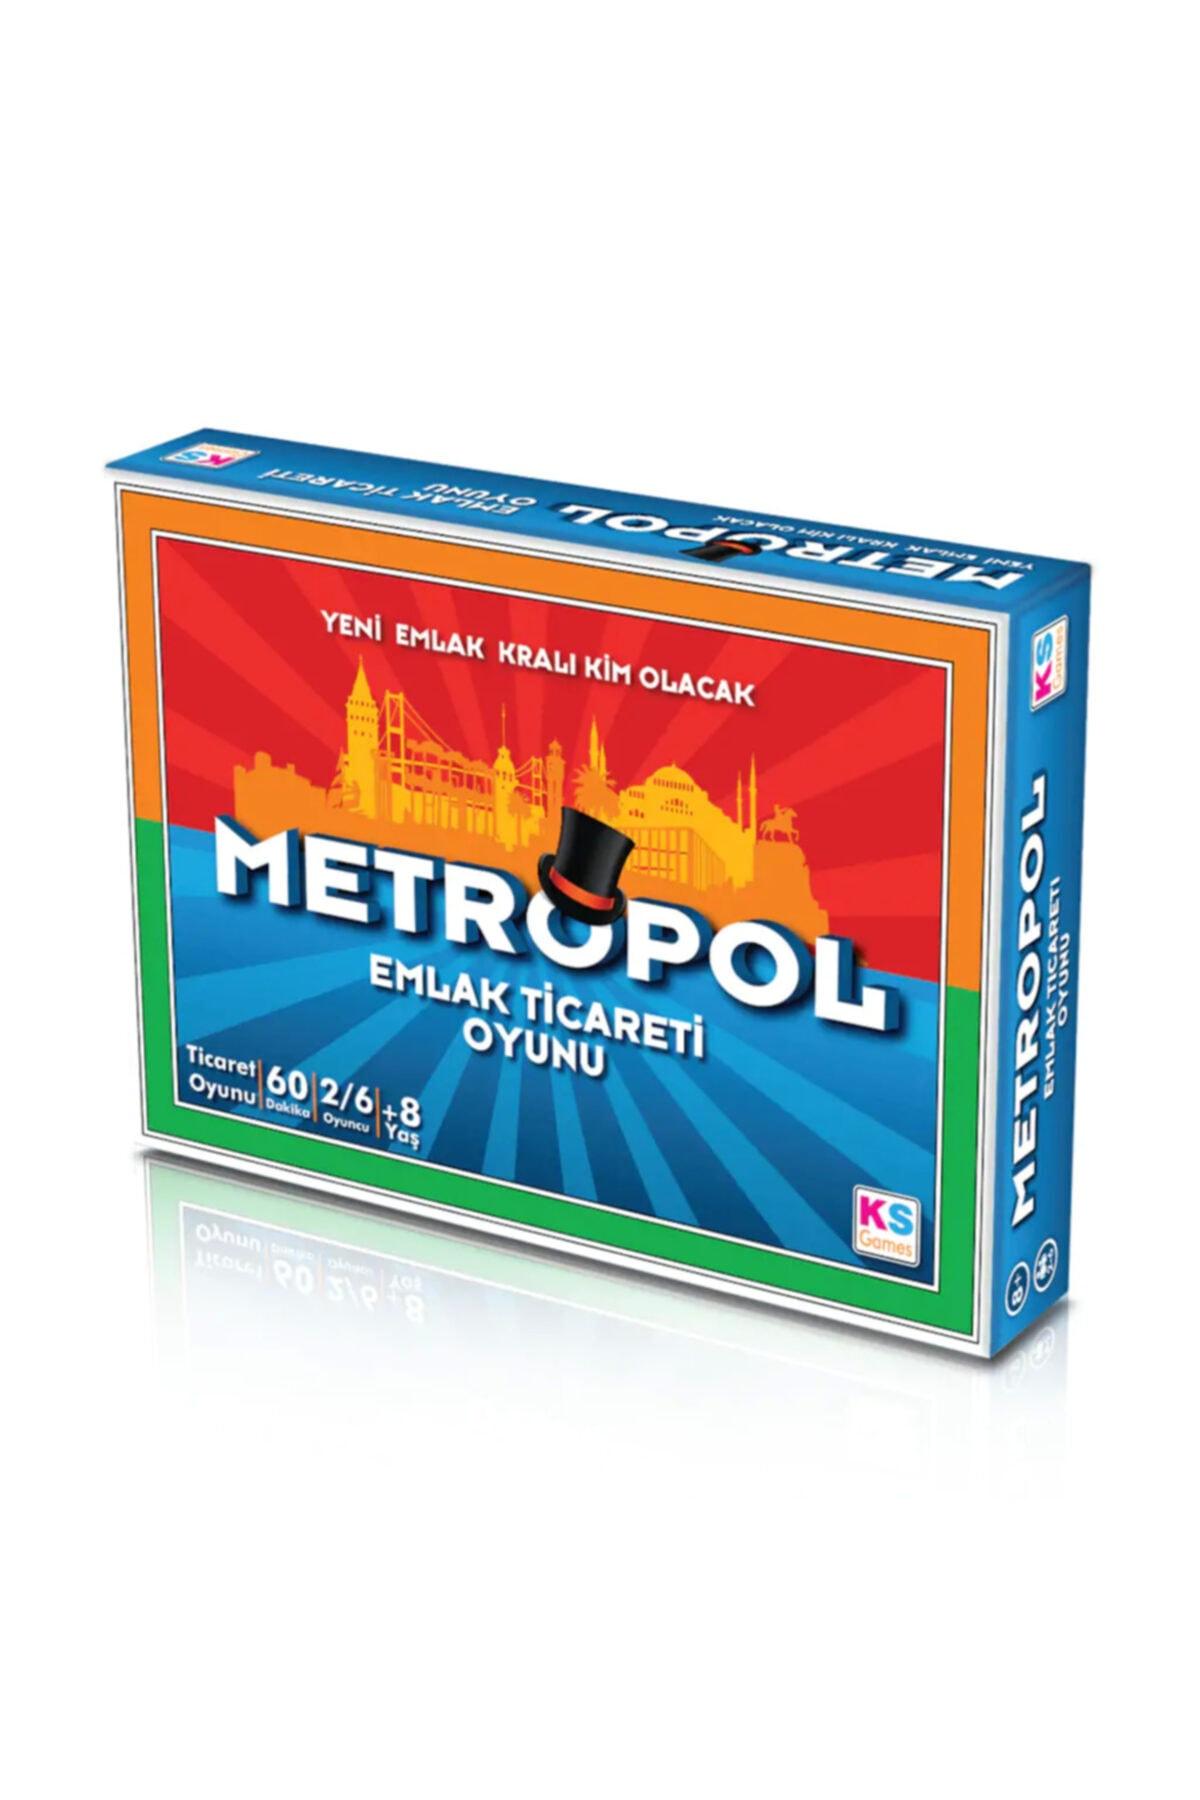 Ks Games Metropol Emlak Ticaret Oyunu -Tombala Kızmabirader -Fırdöndü Birarada Kutu Oyunları 2